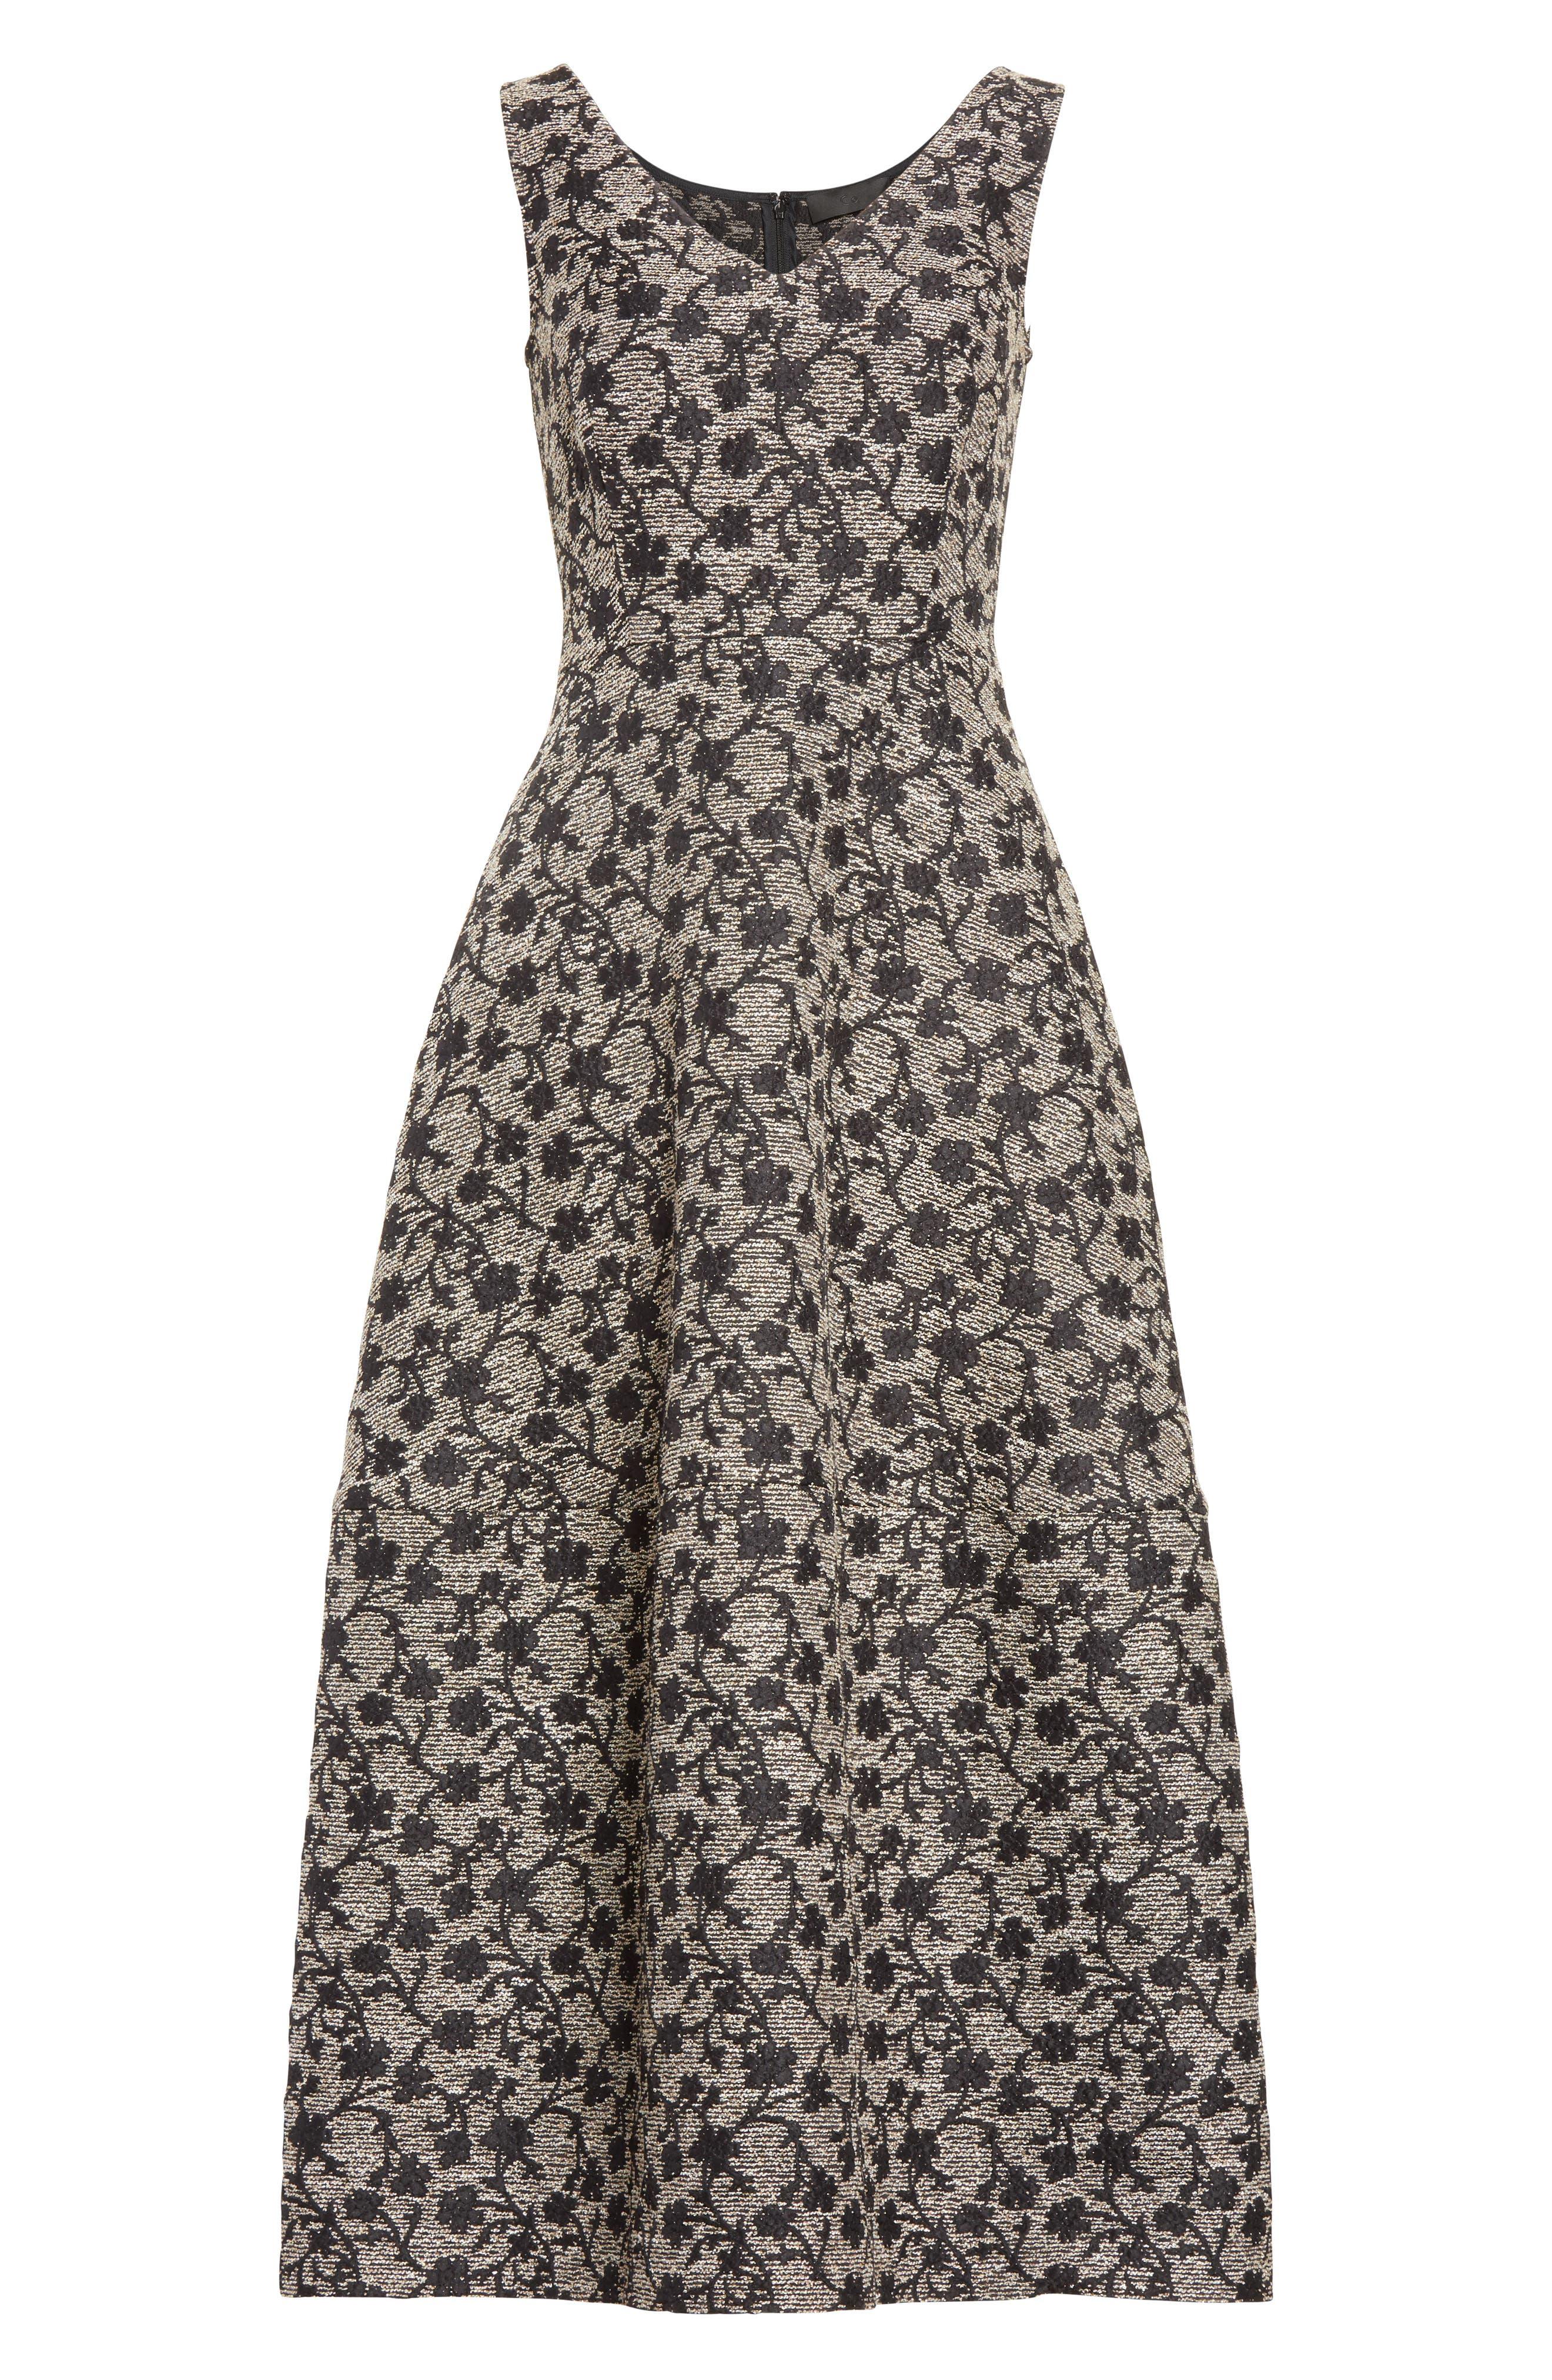 Floral Jacquard Midi Dress,                             Alternate thumbnail 4, color,                             Black/ Gold